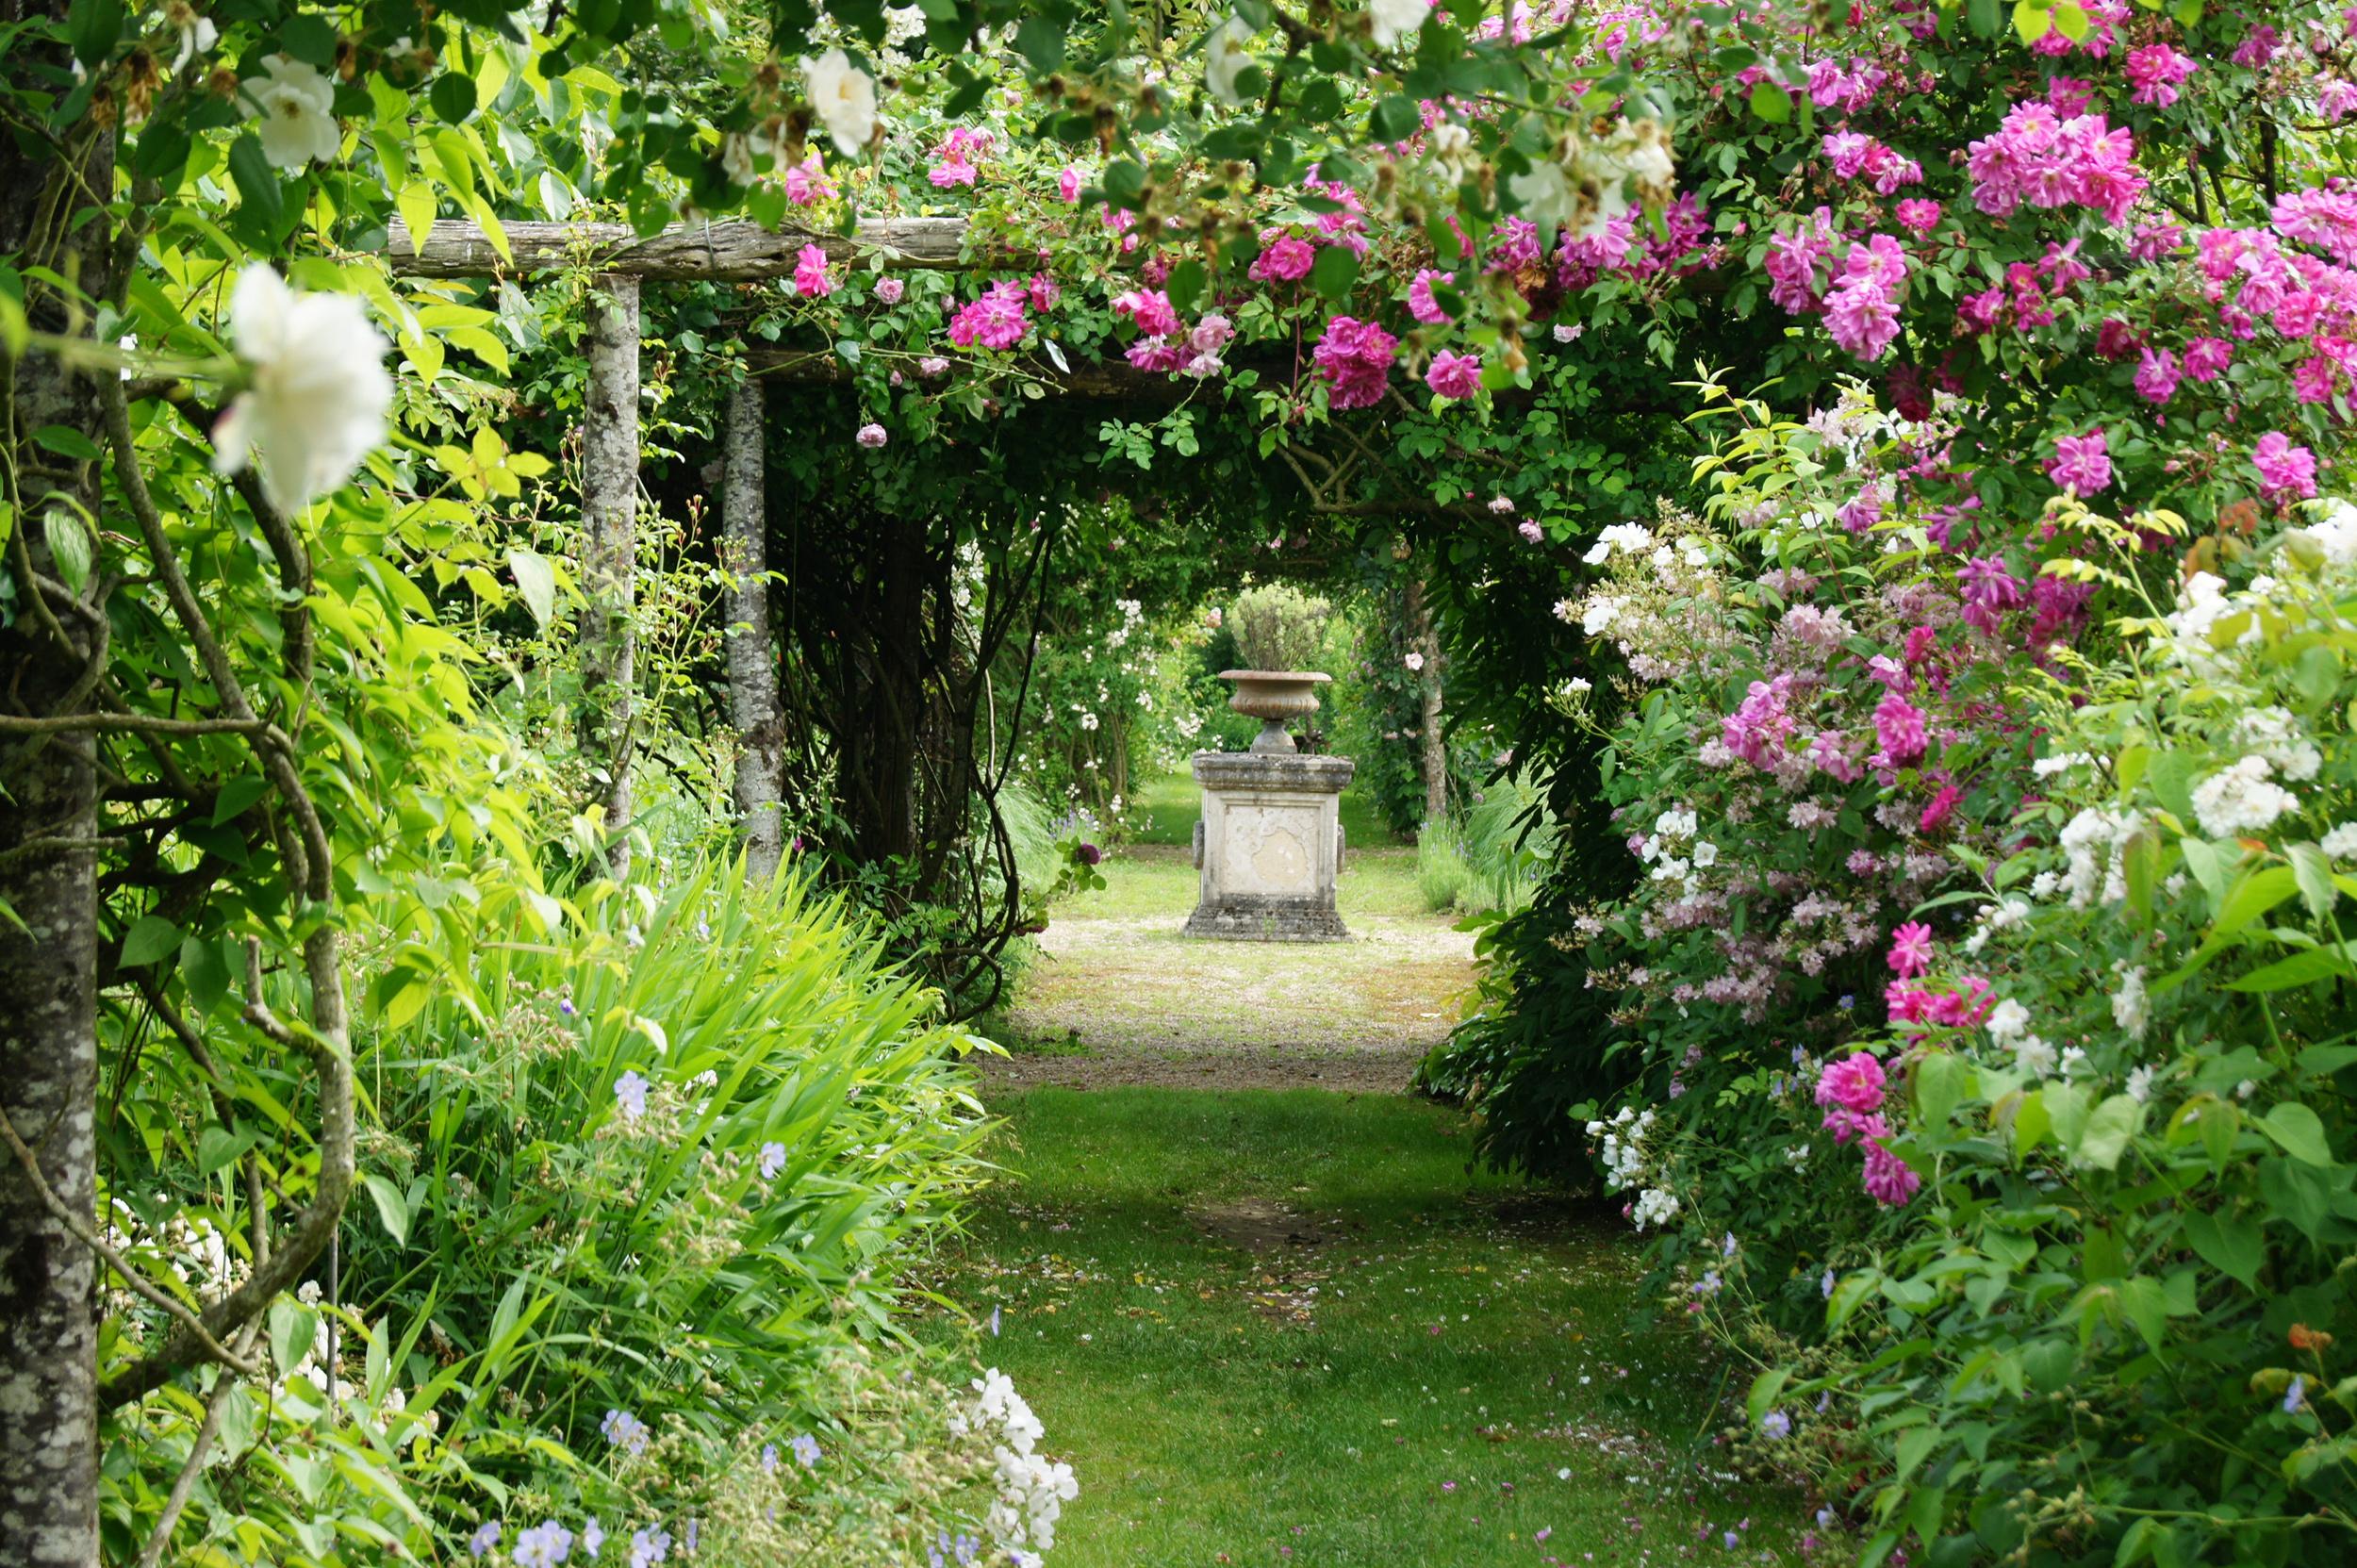 Val de loire de s duisantes escapades aux jardins for Jardin romantique anglais